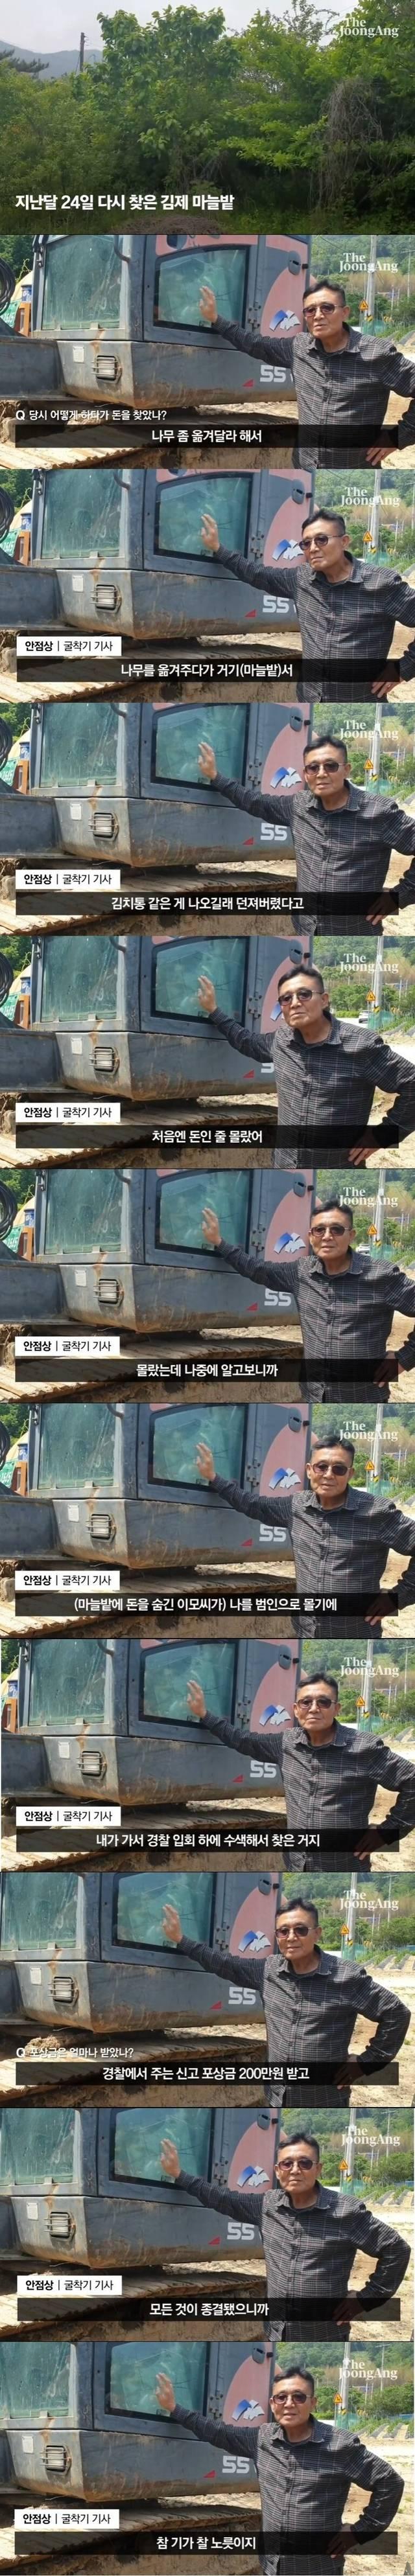 김제 마늘밭 110억원 발견한 포크레인기사님 근황 | 인스티즈